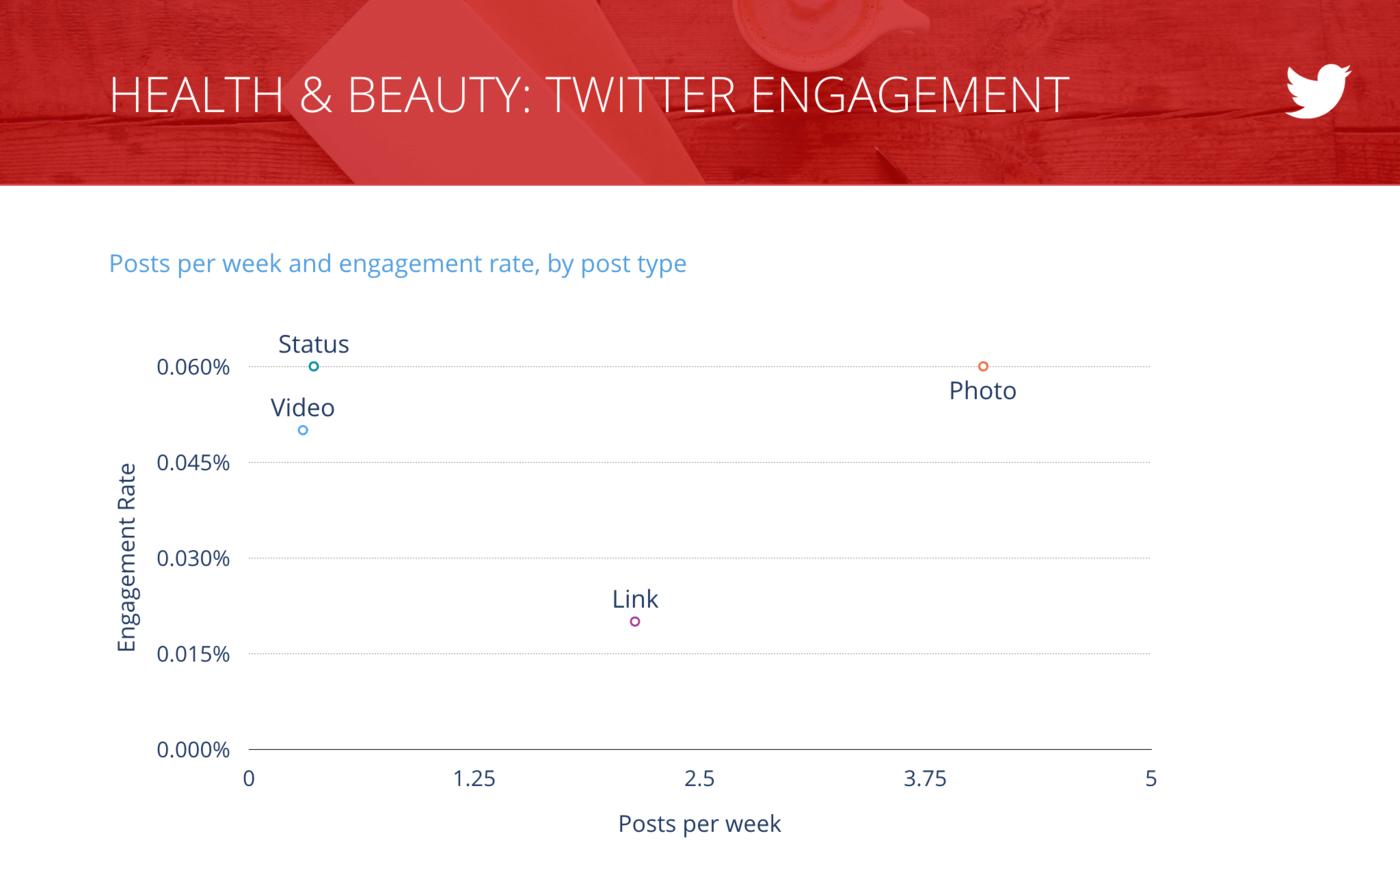 slide for Tweets per Week vs. Engagement Rate per Tweet, Health & Beauty